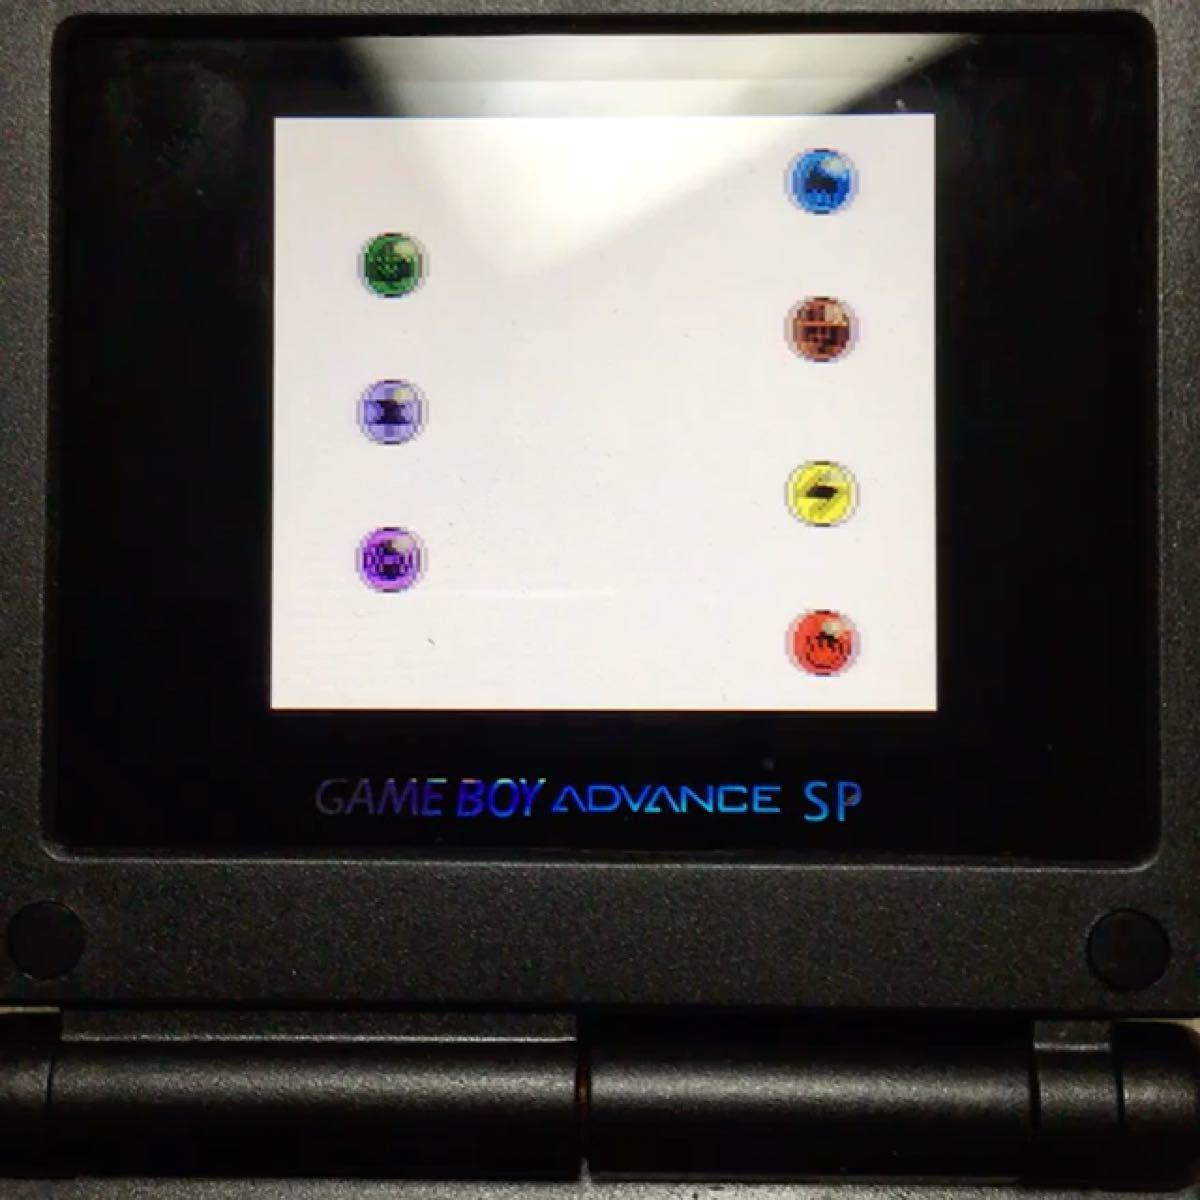 ポケモンカードGB 電池交換済み  ゲームボーイ ゲームボーイカラー ソフト